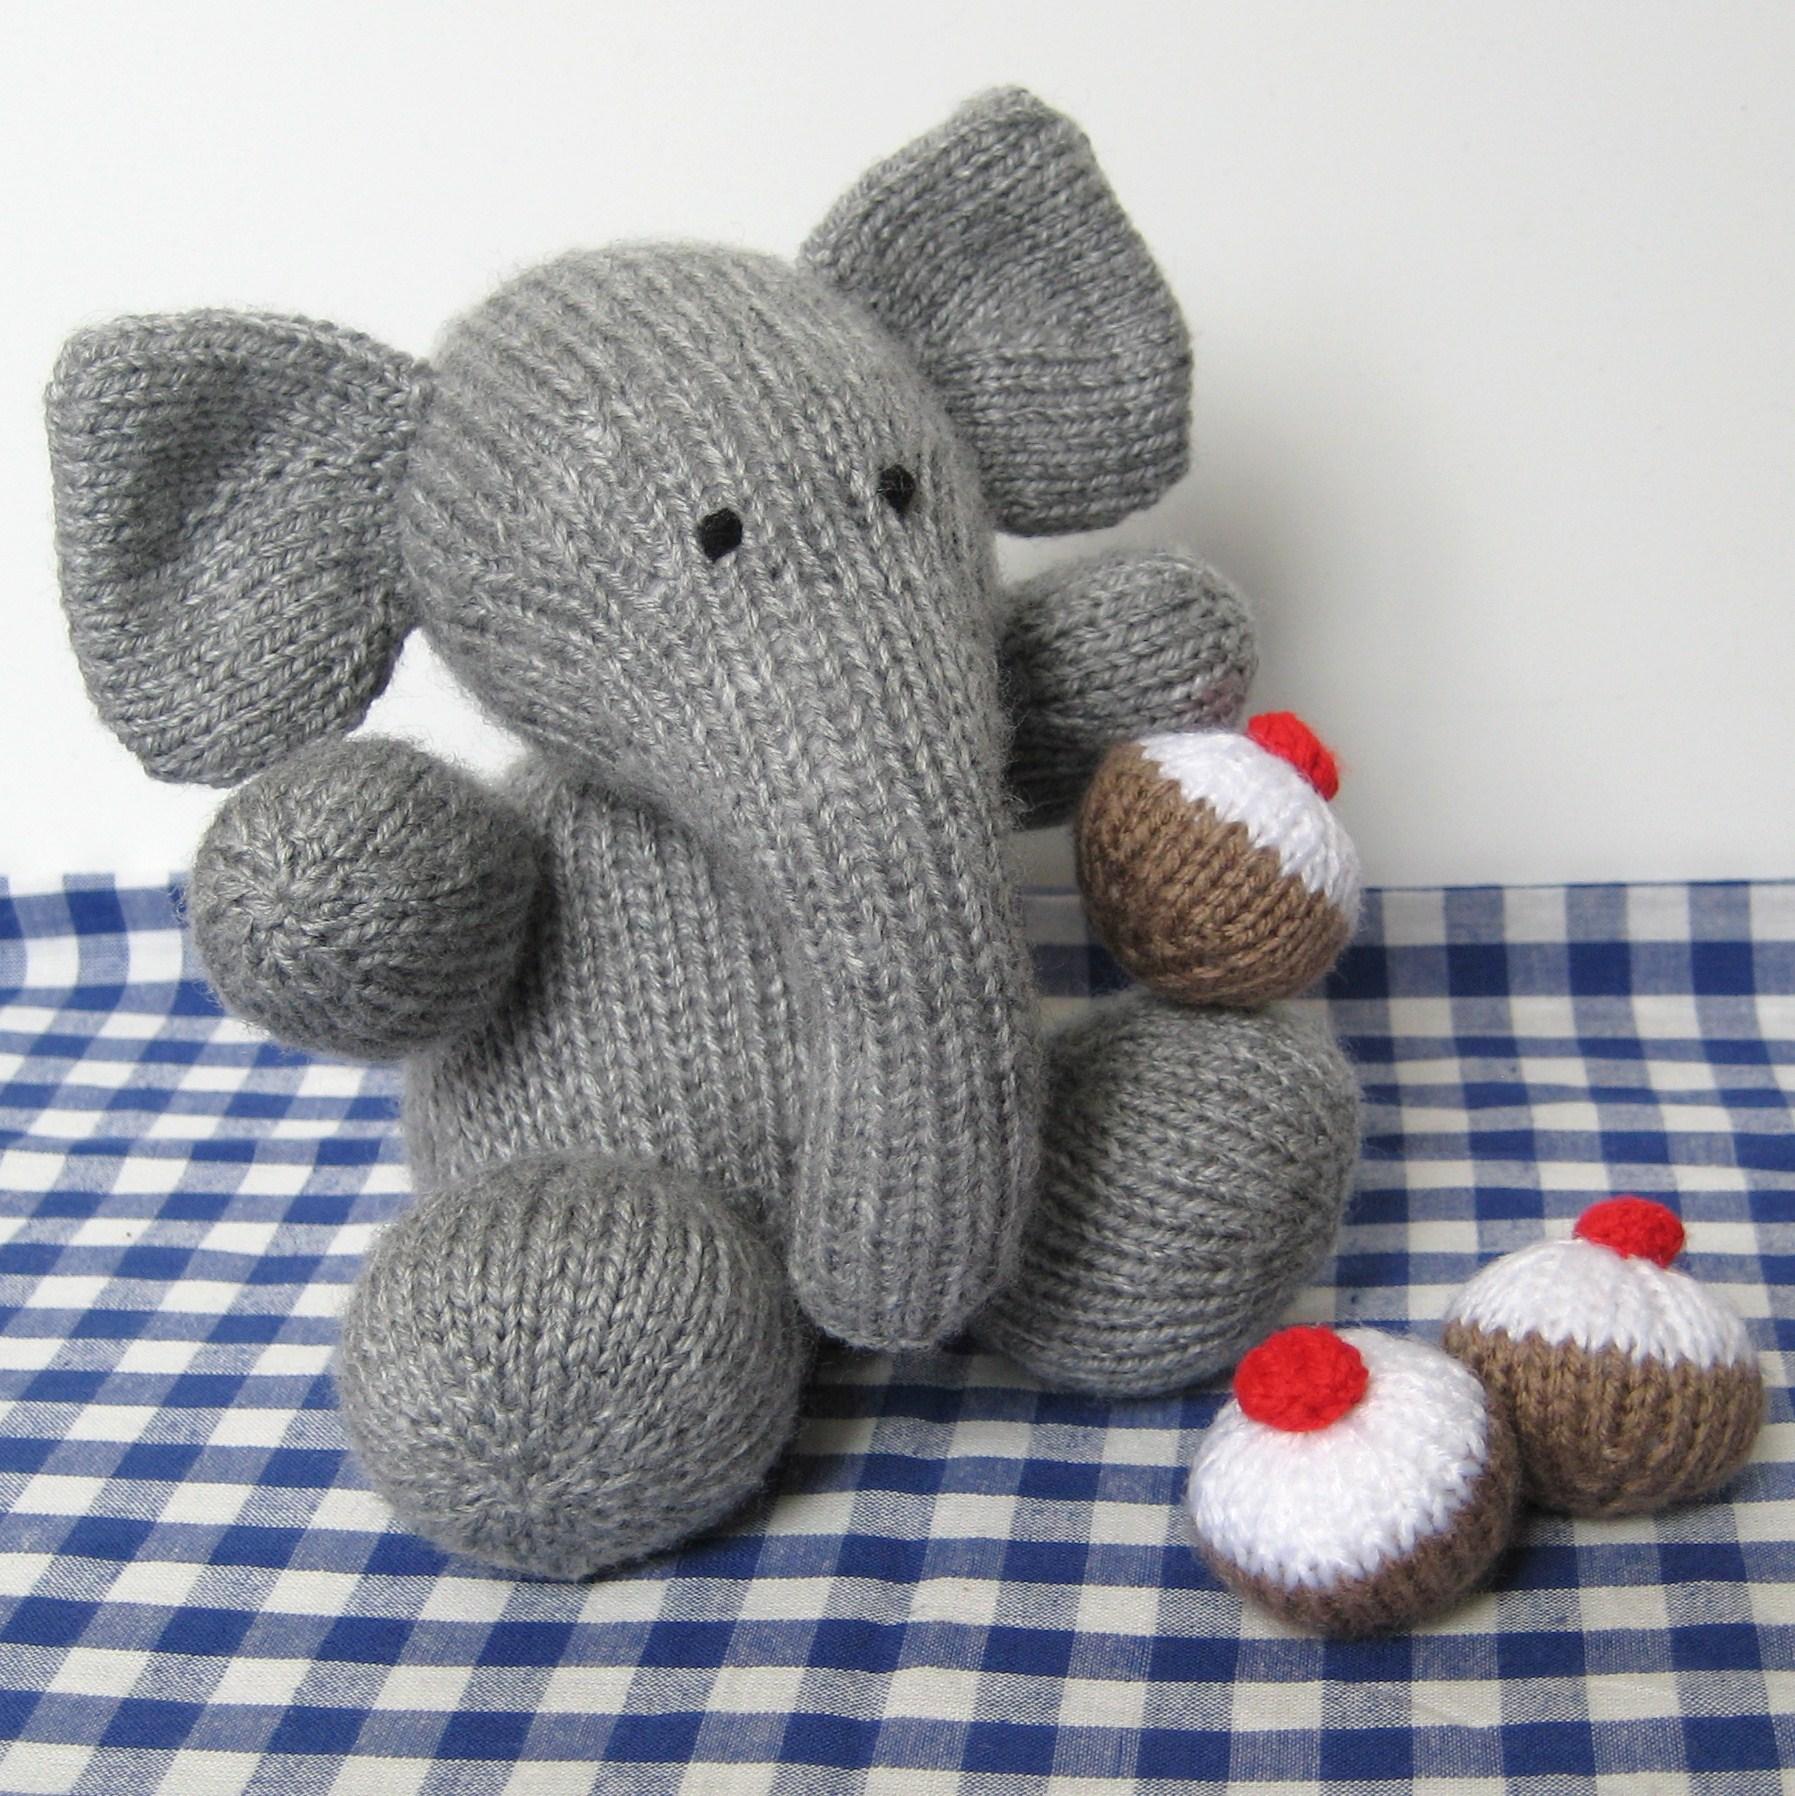 Amigurumi elephant knitting pattern kalulu for bloomsbury elephant knitting pattern bankloansurffo Images